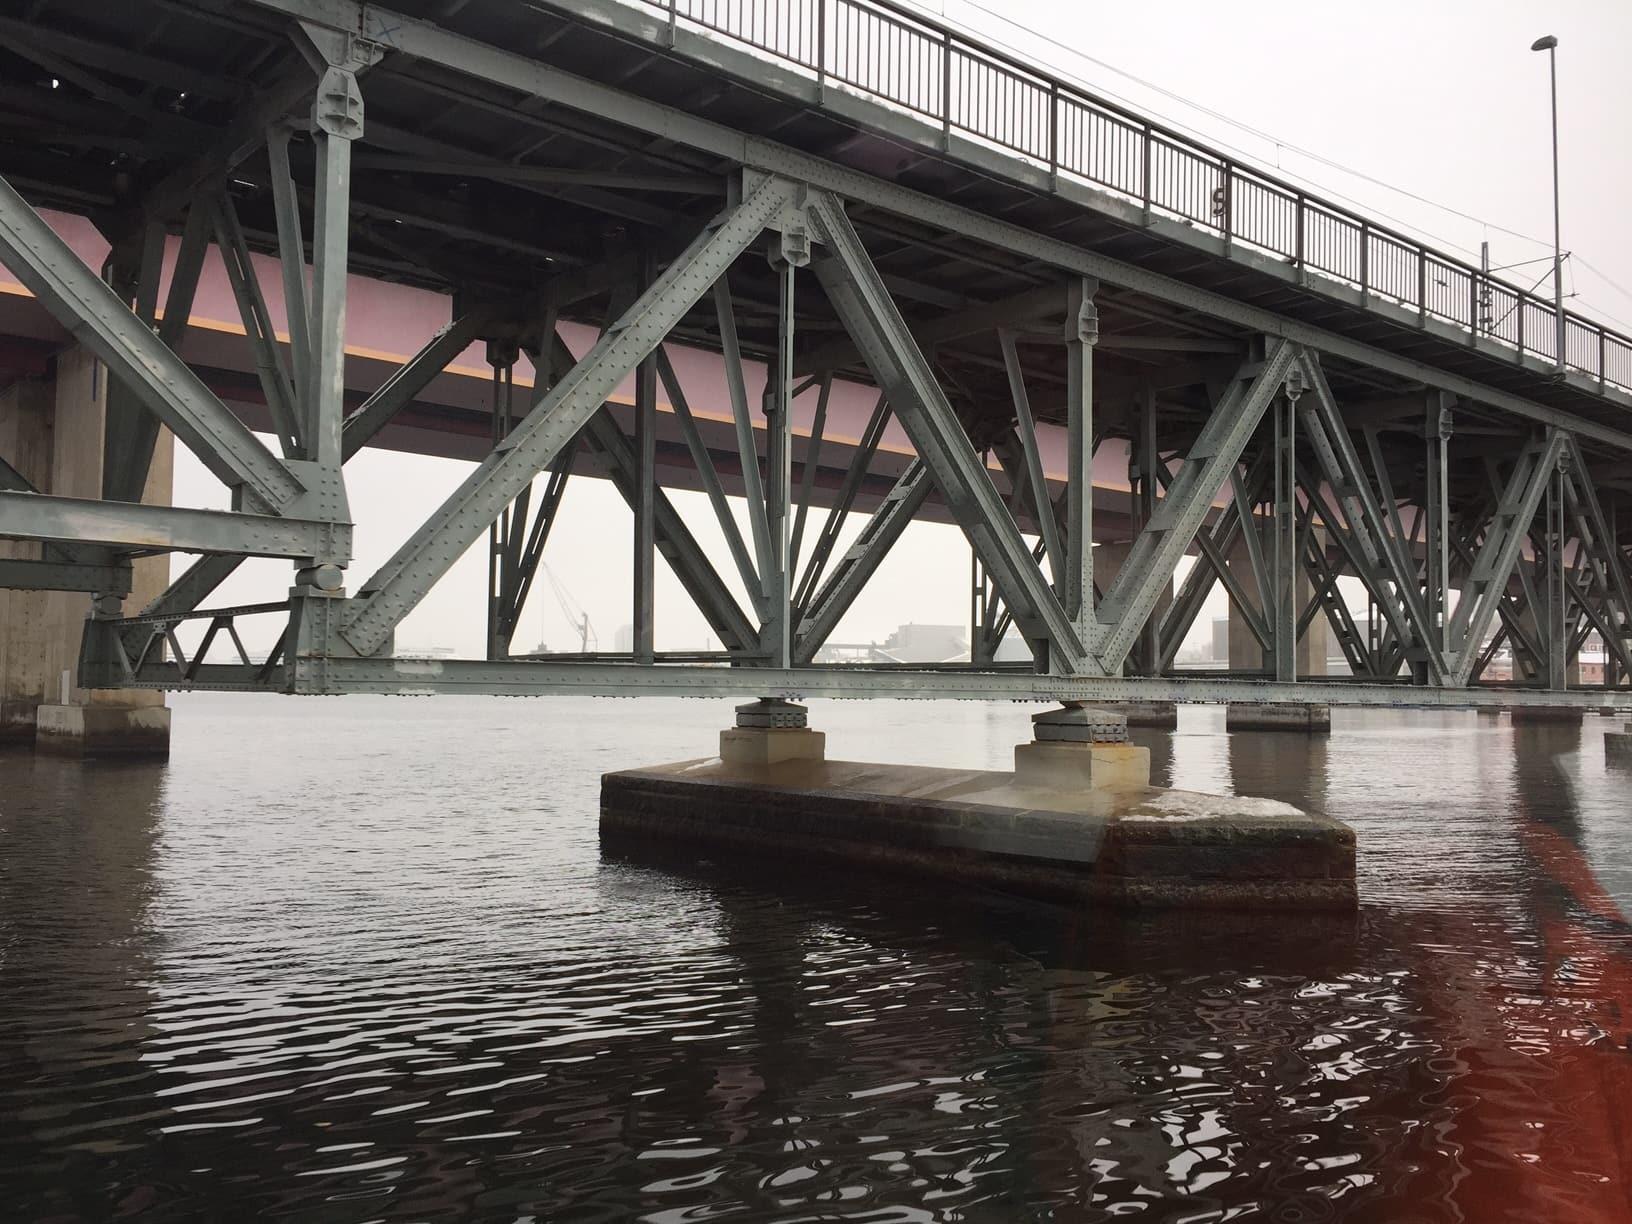 allblästring målning Lidingöbron stheab stockholms hamnentreprenad hamnar 05